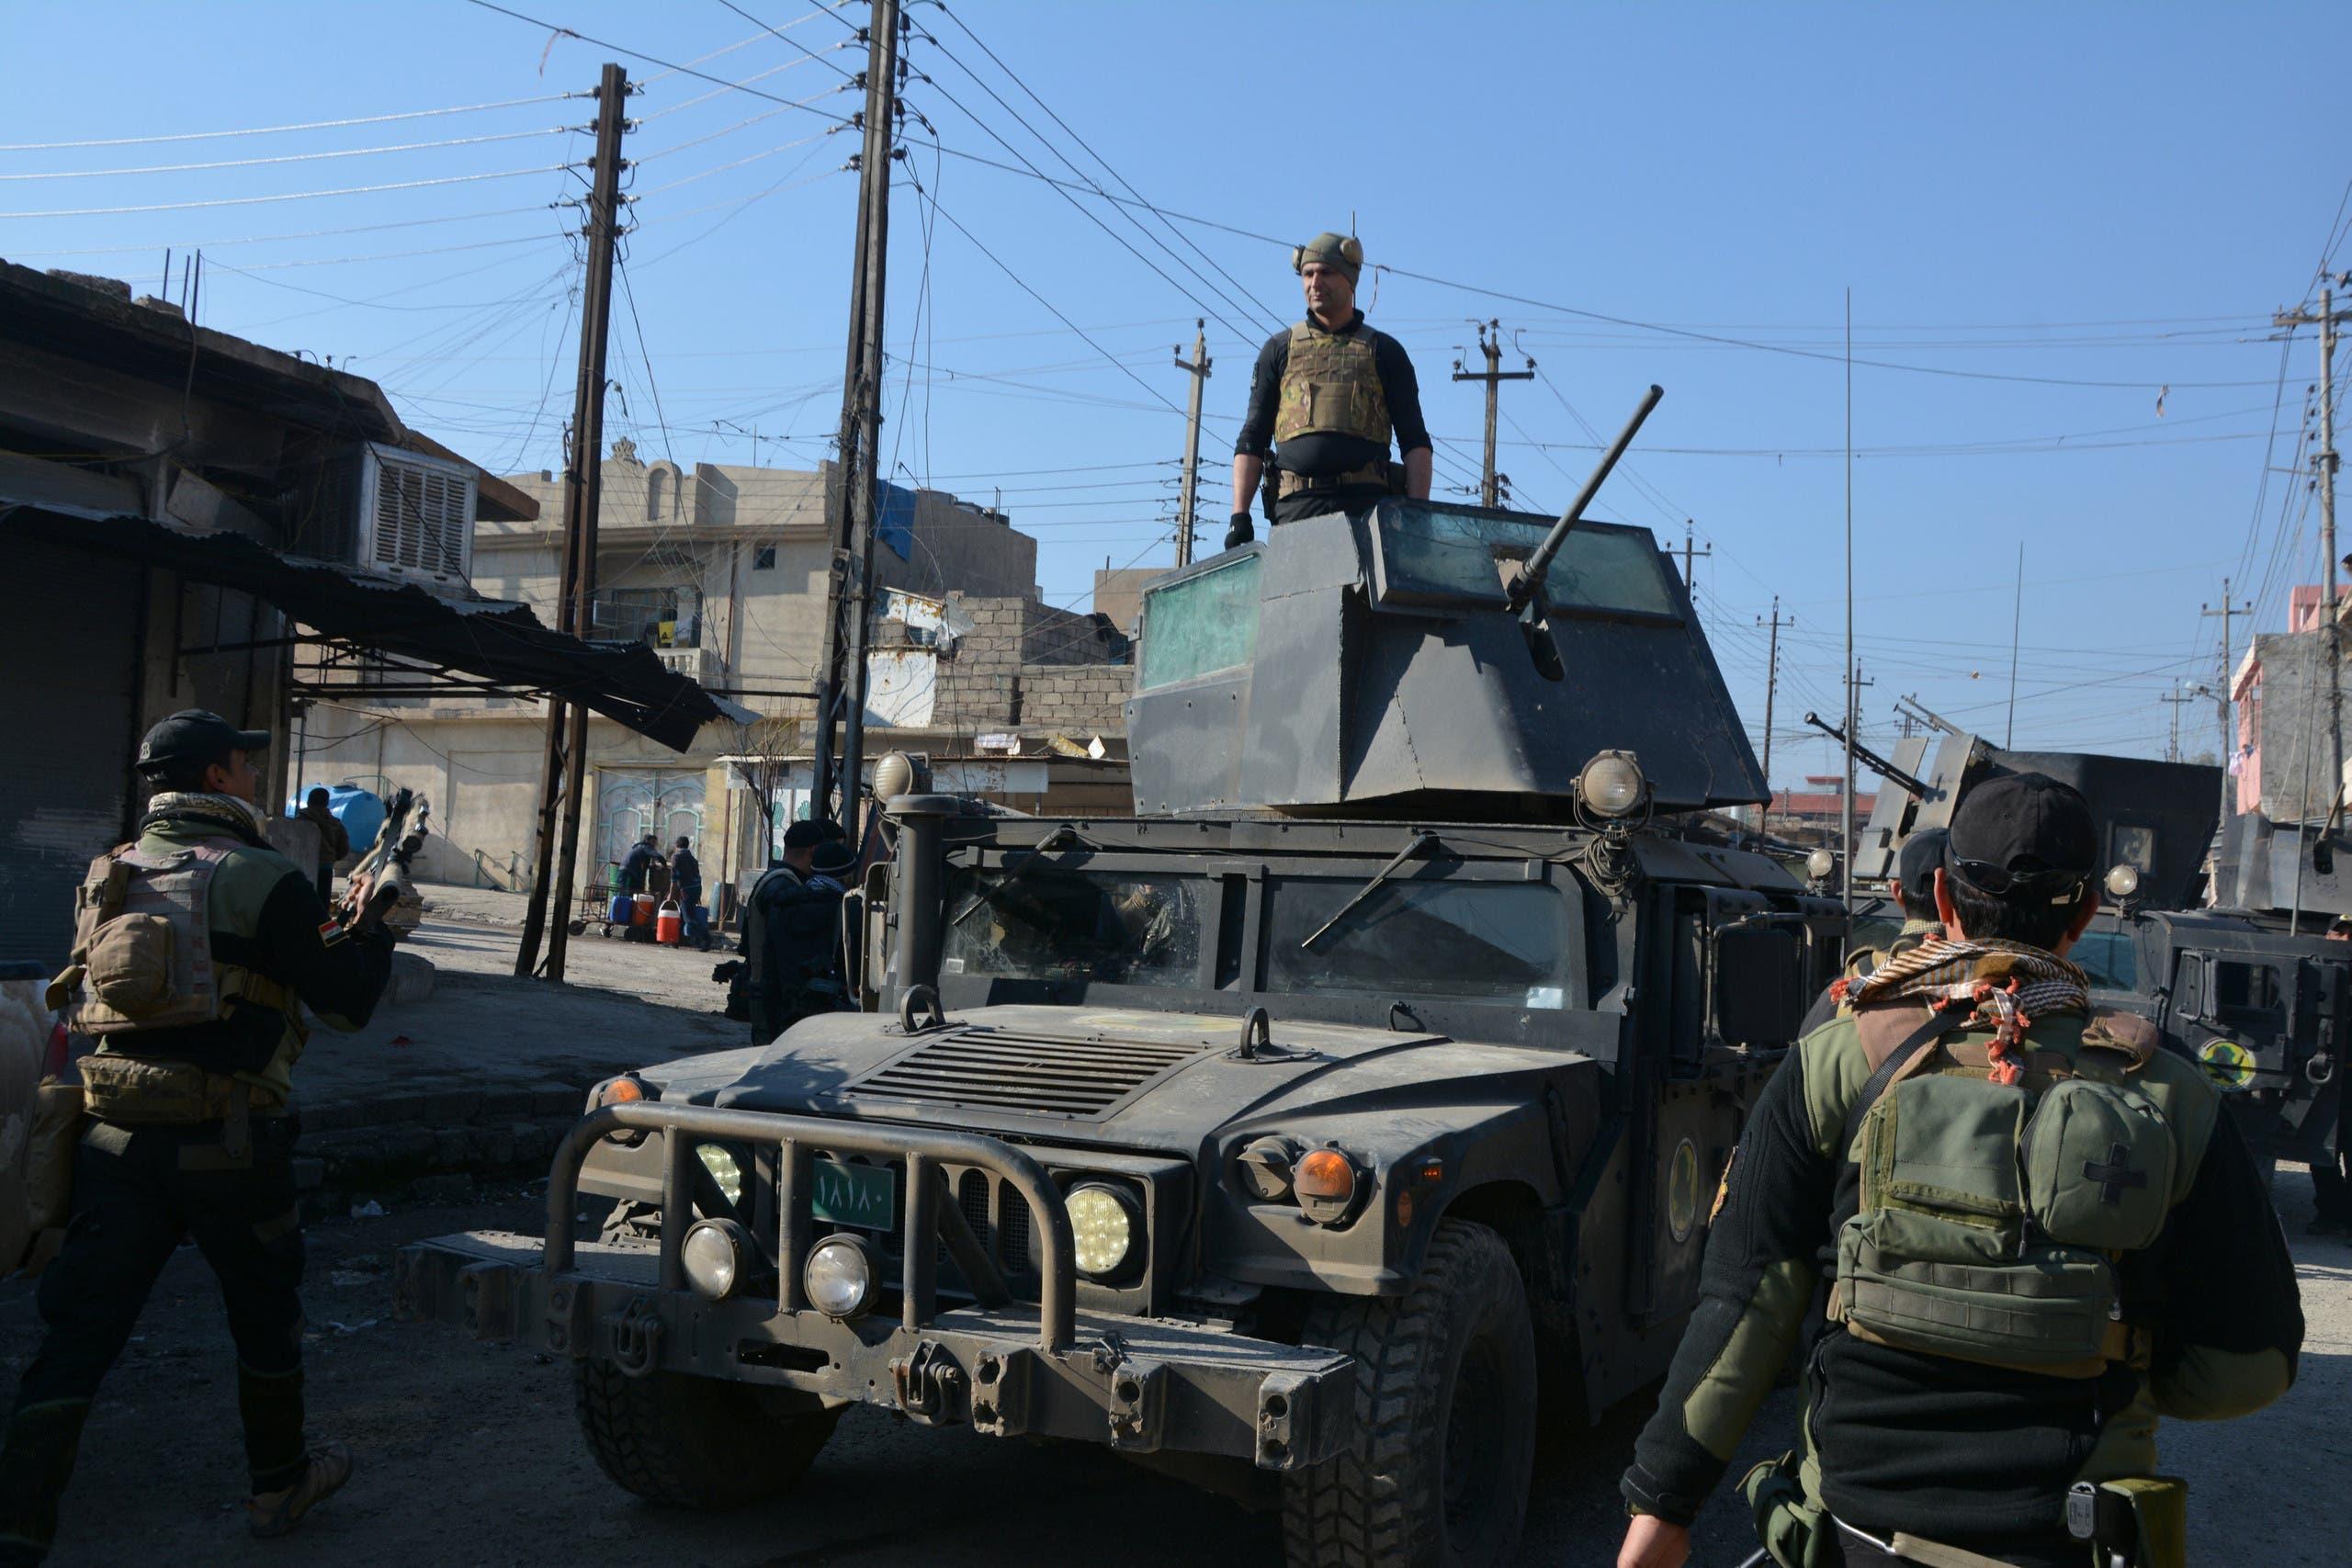 أفراد من القوات الخاصة العراقية